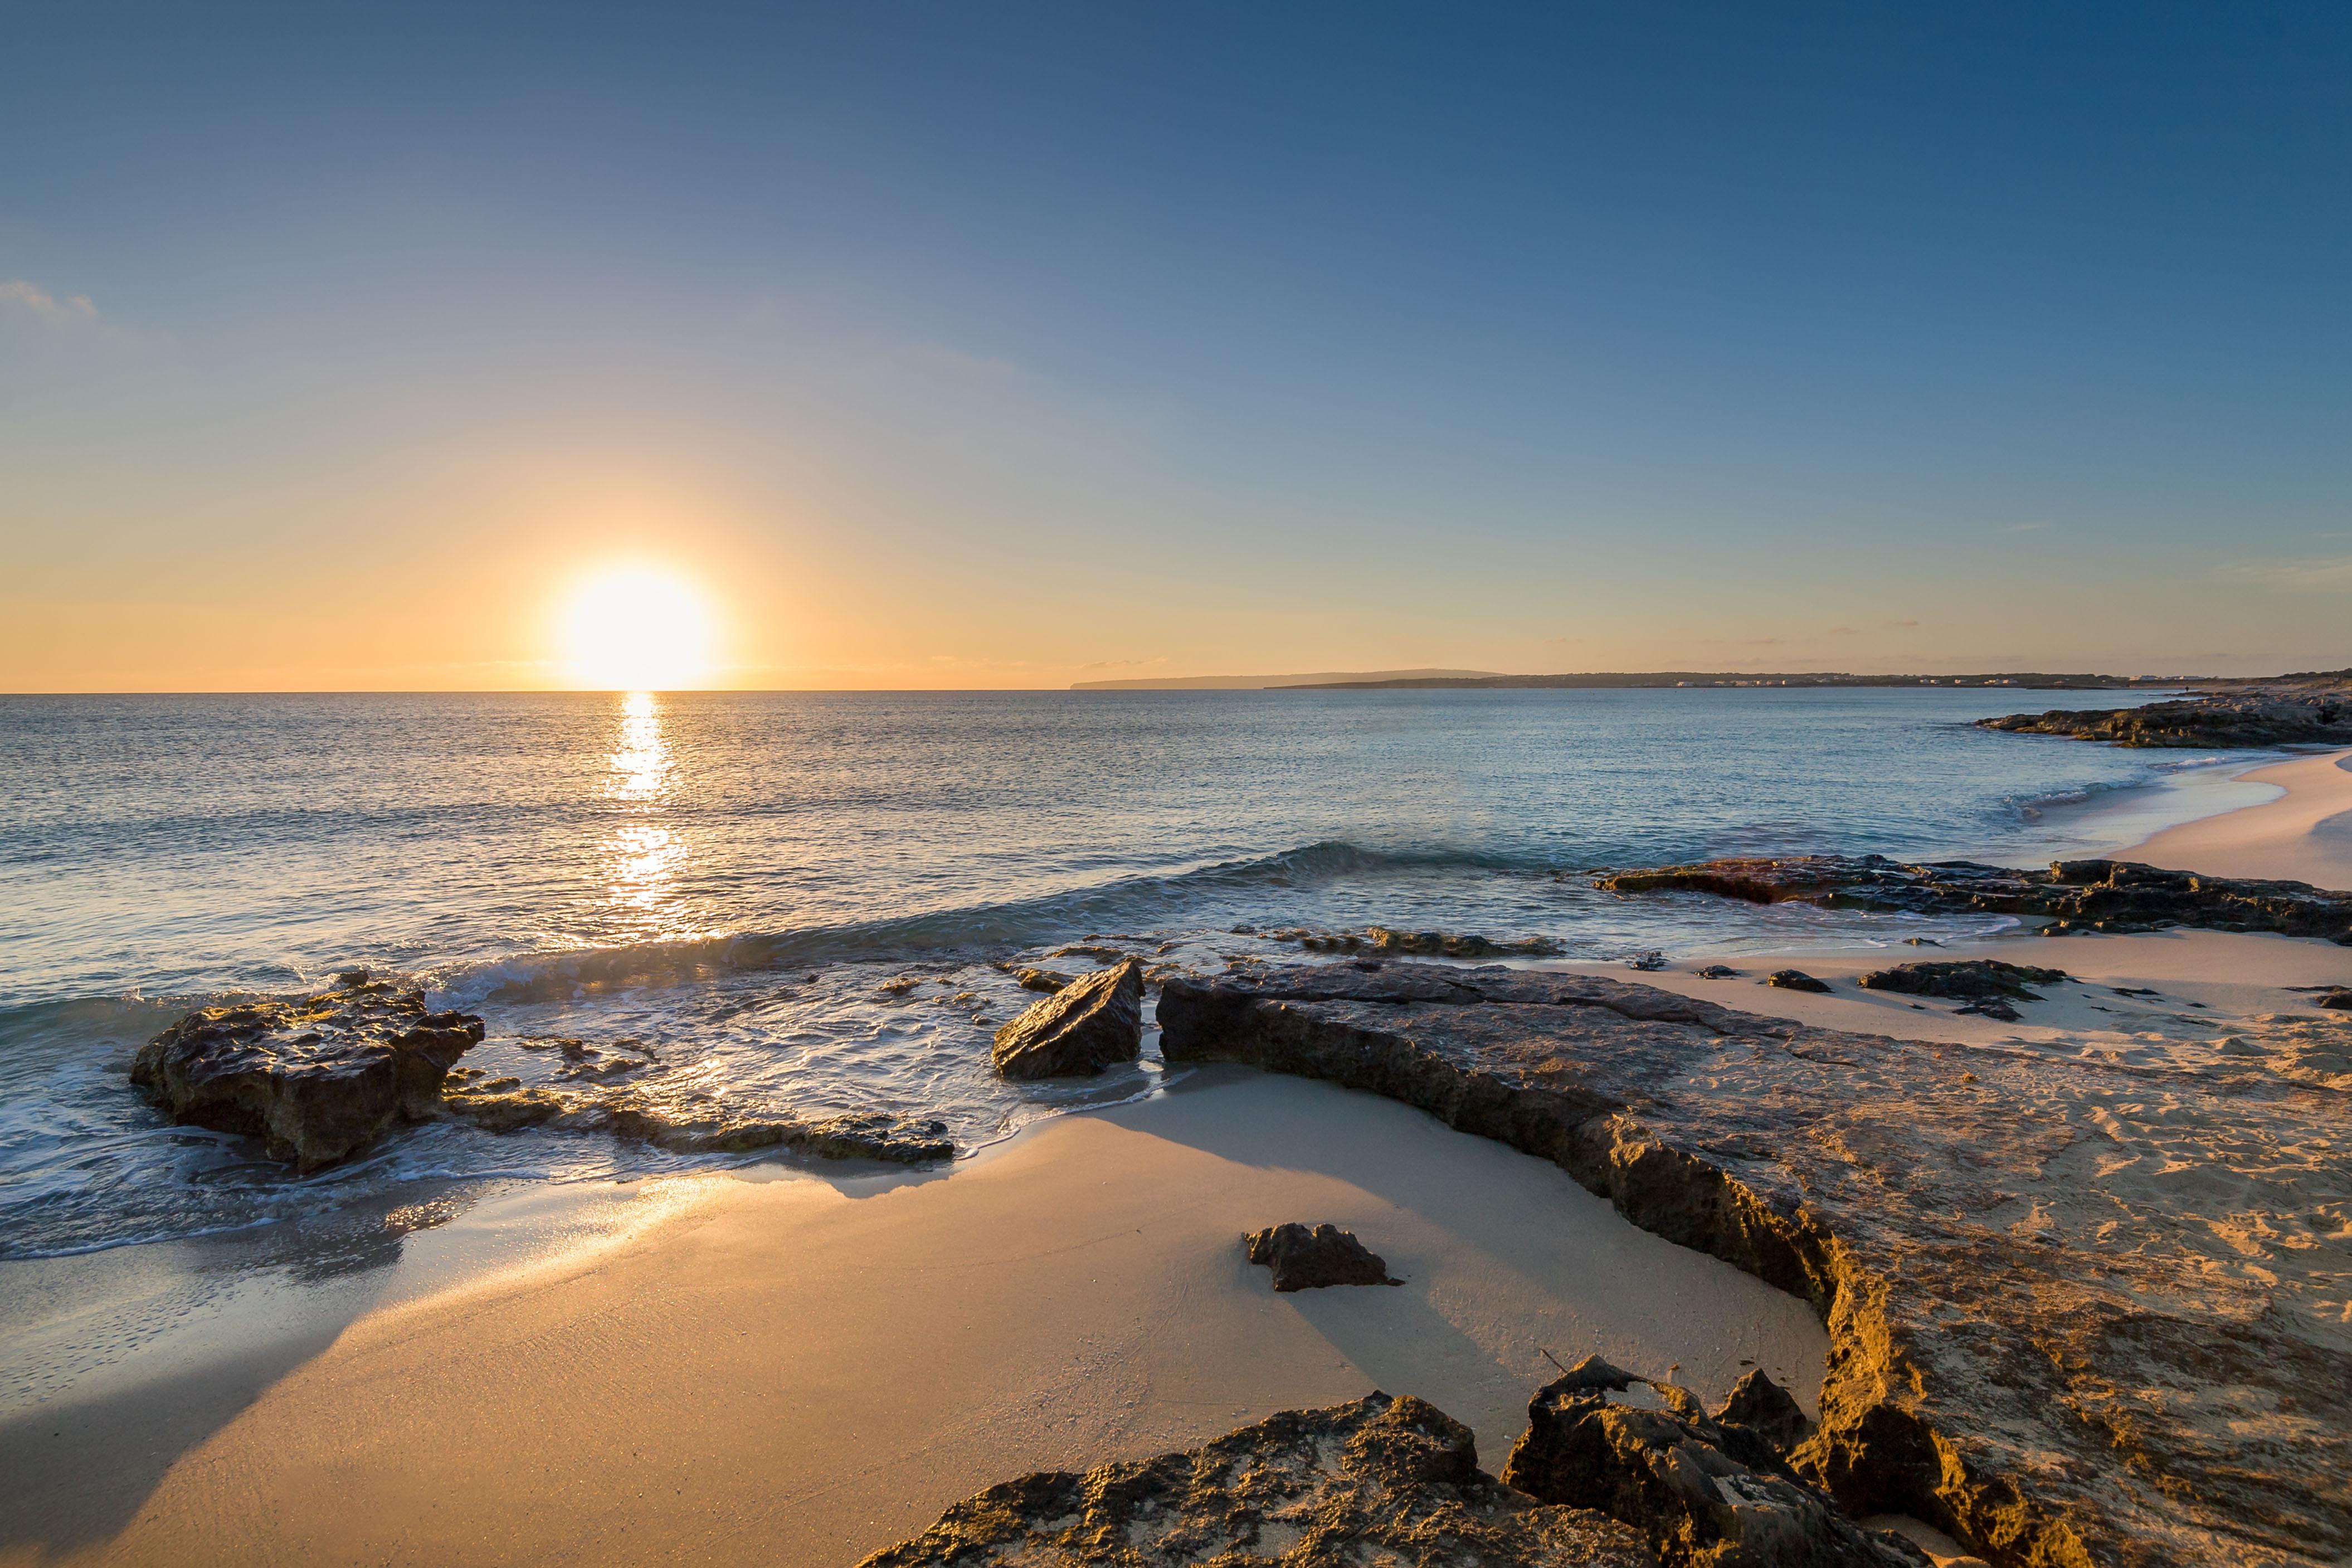 Las 4 puestas de sol en Formentera imprescindibles